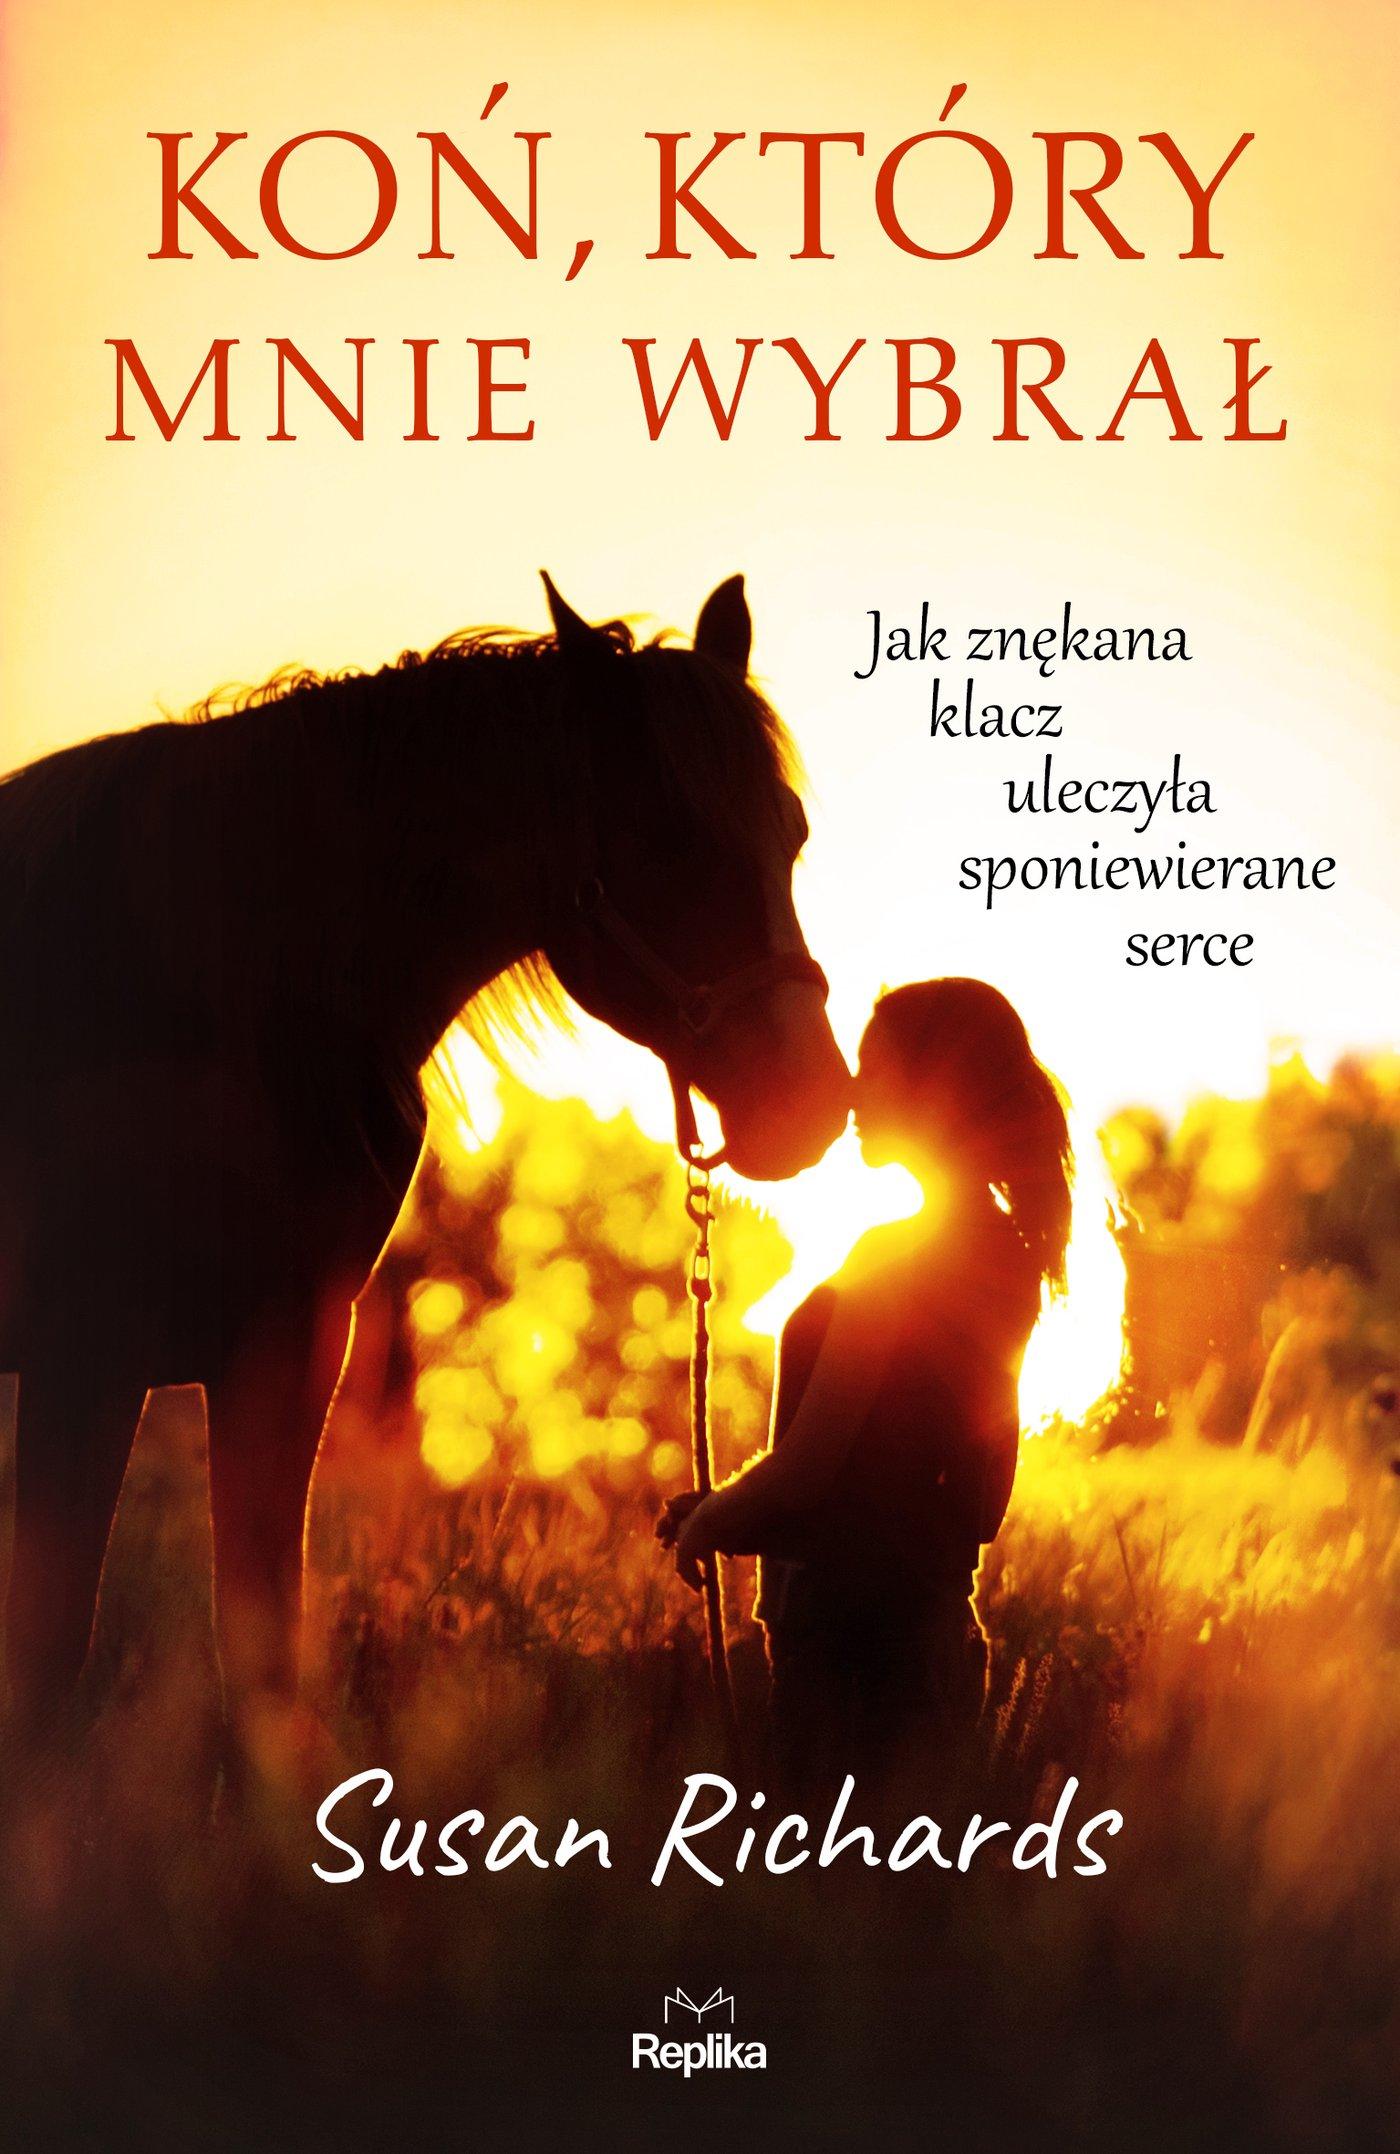 Koń, który mnie wybrał - Ebook (Książka na Kindle) do pobrania w formacie MOBI